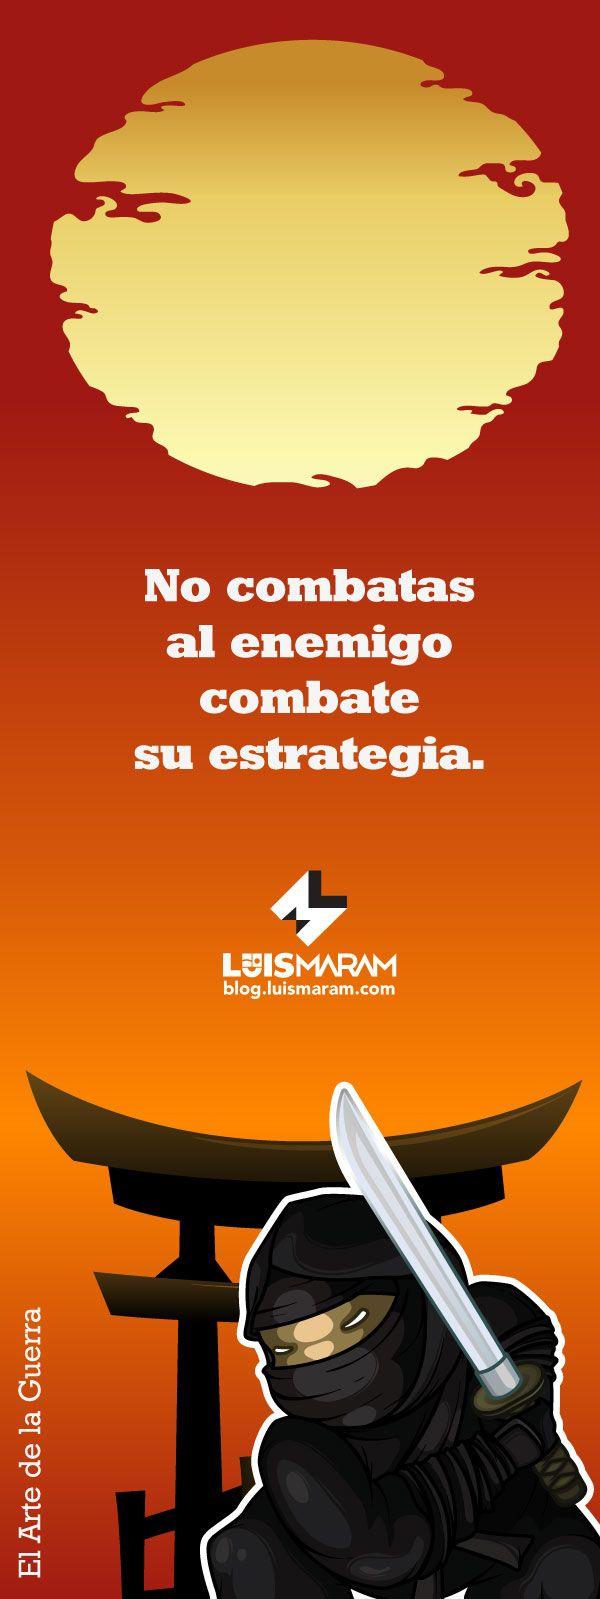 Frase de Marketing Estratégico salida de El Arte de la Guerra via @luismaram